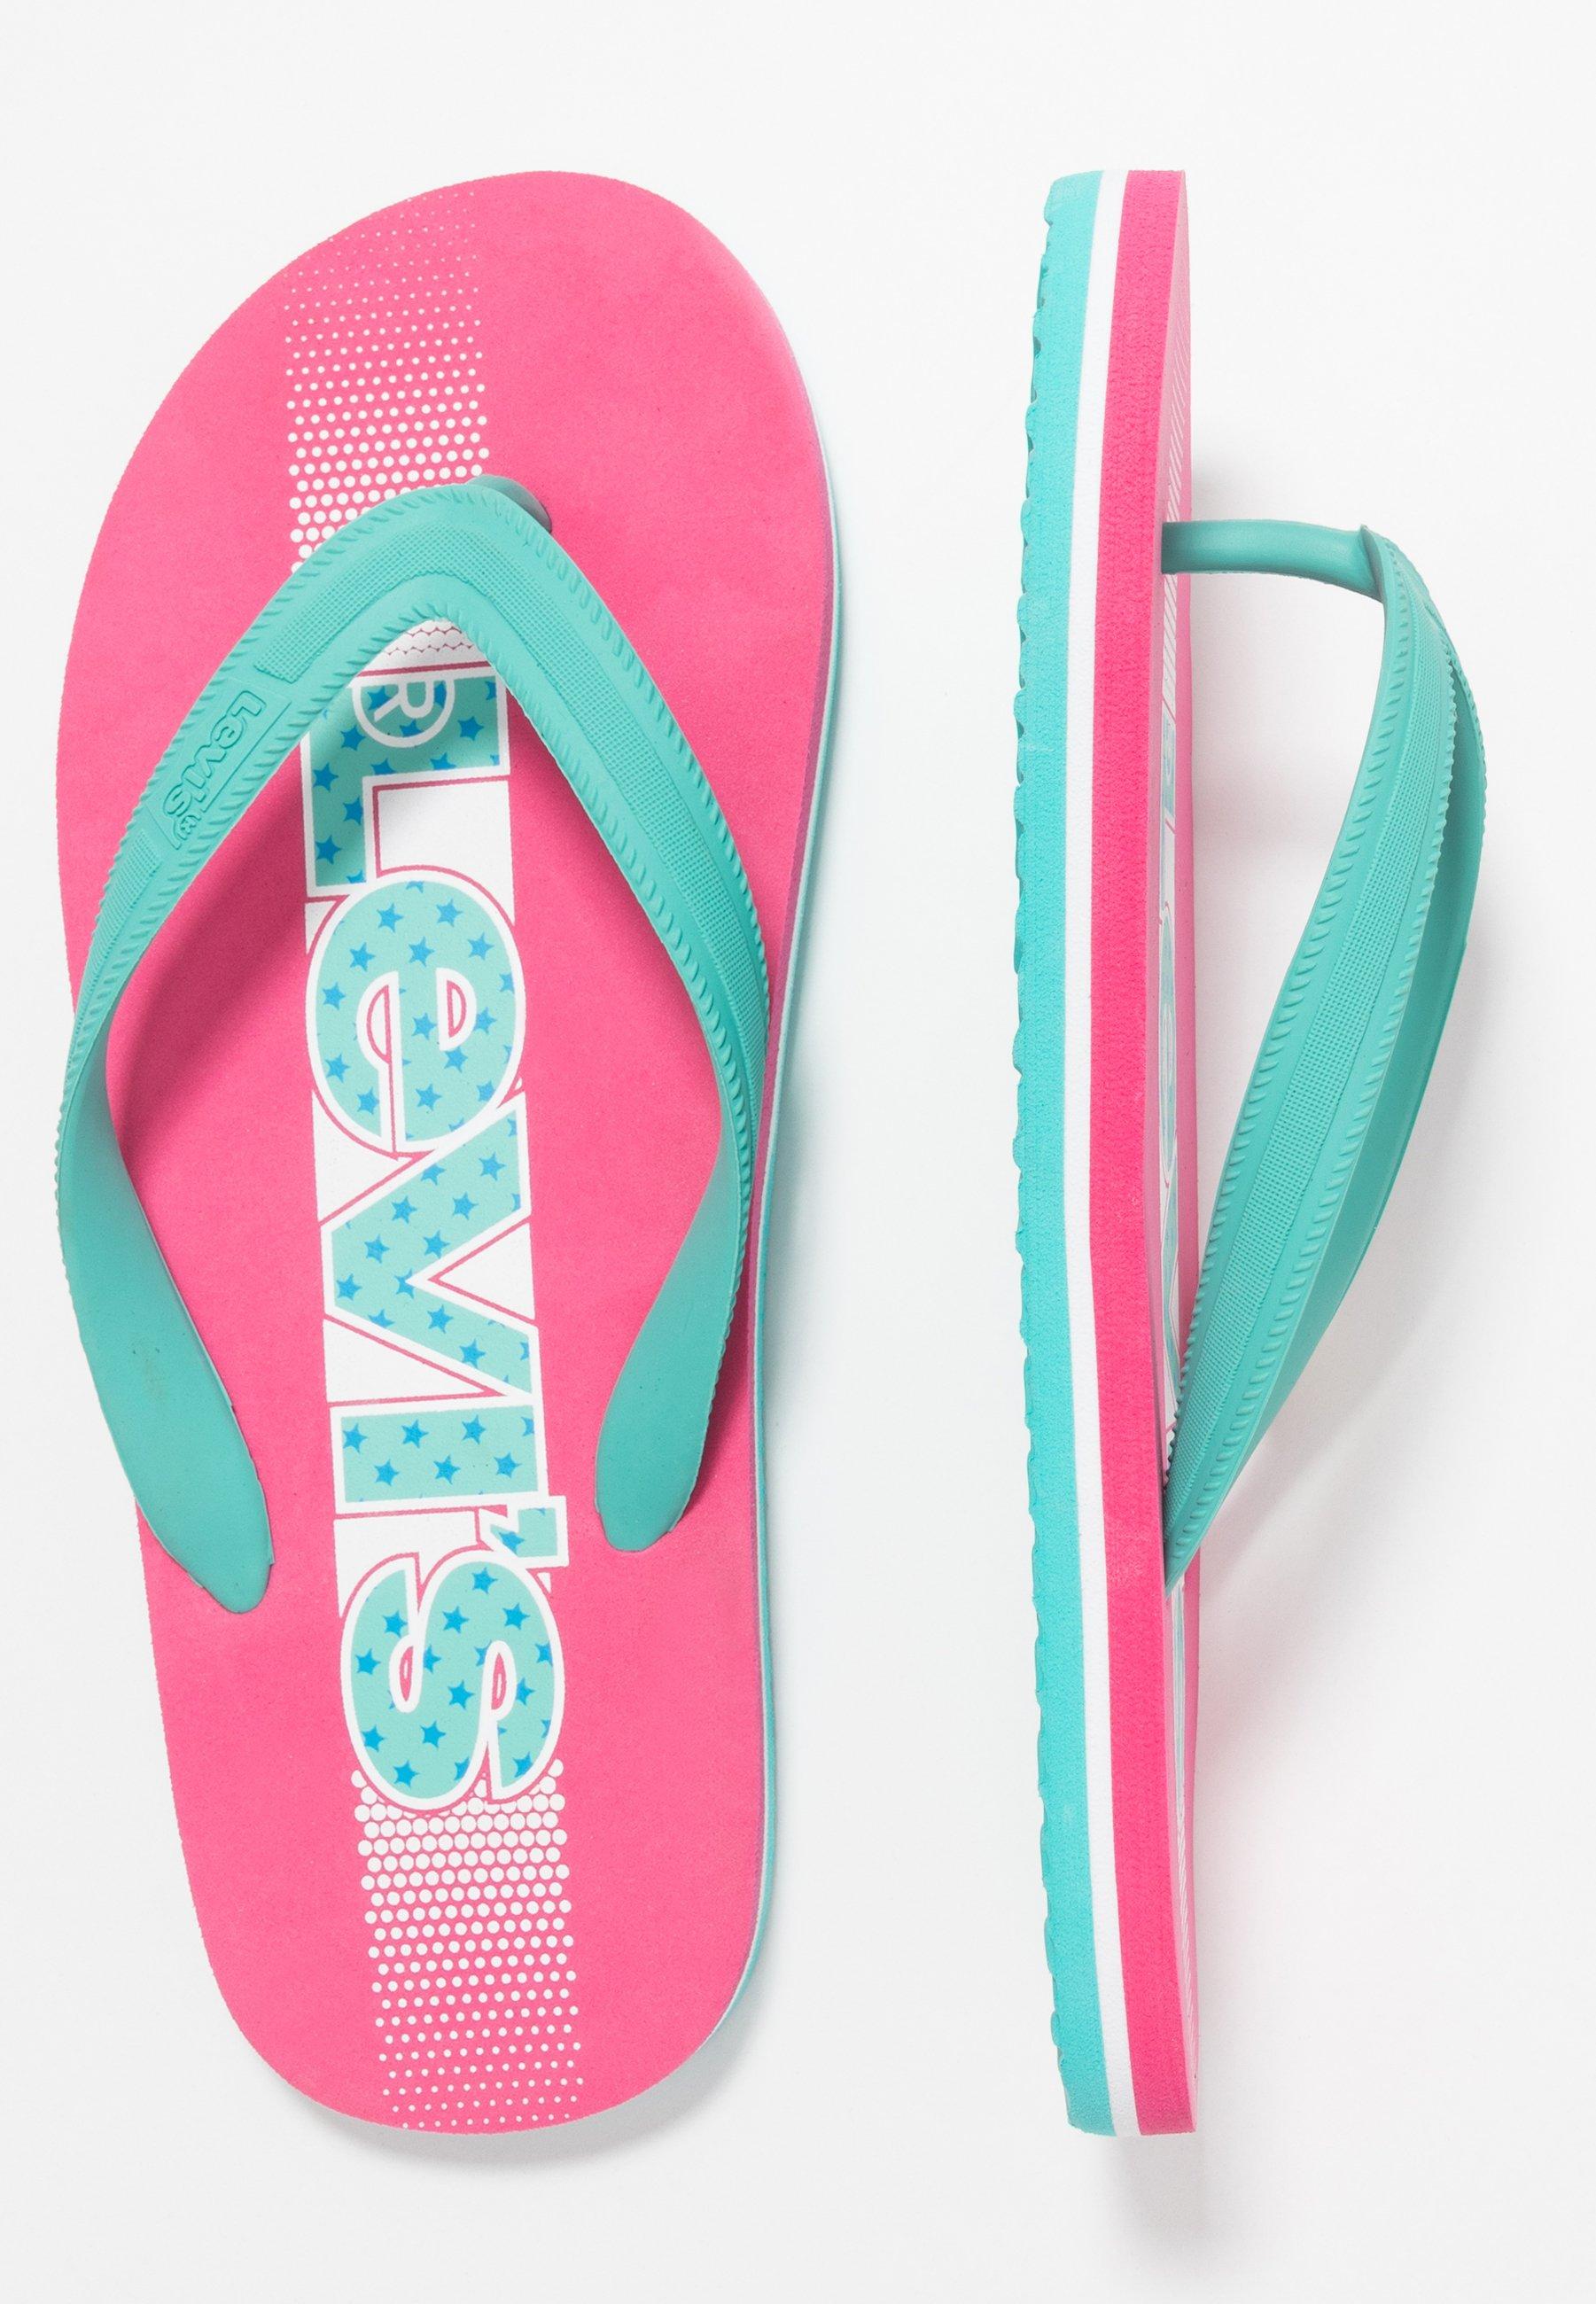 Levi's® VIRGINIA - Japonki kąpielowe - pink - Buty dla dzieci